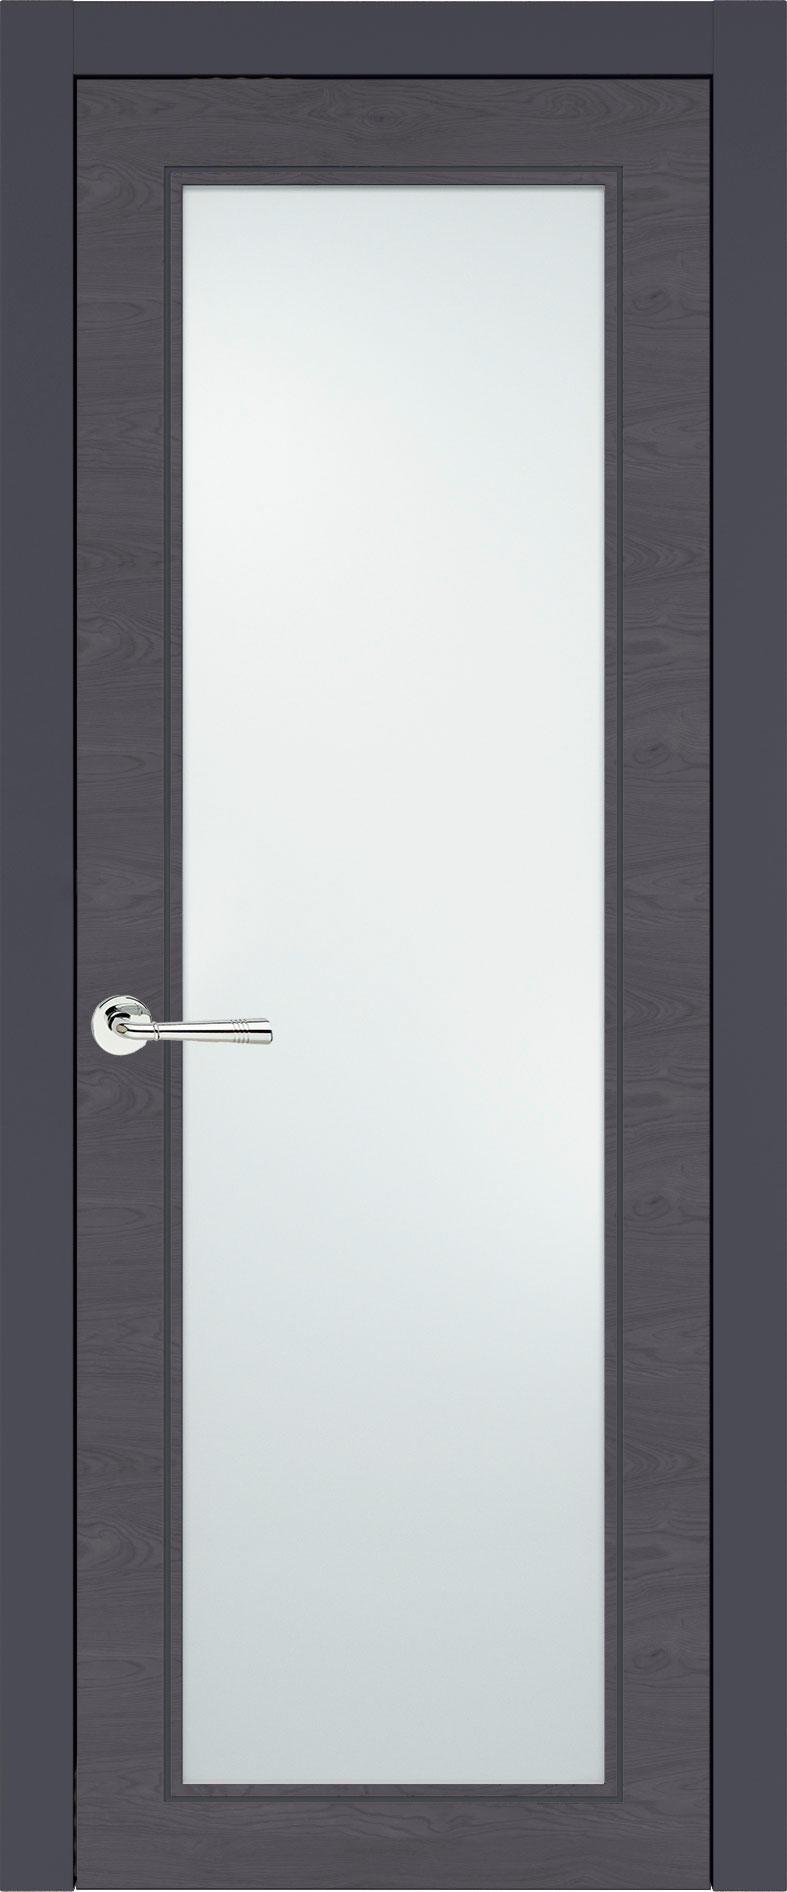 Domenica Neo Classic цвет - Графитово-серая эмаль по шпону (RAL 7024) Со стеклом (ДО)